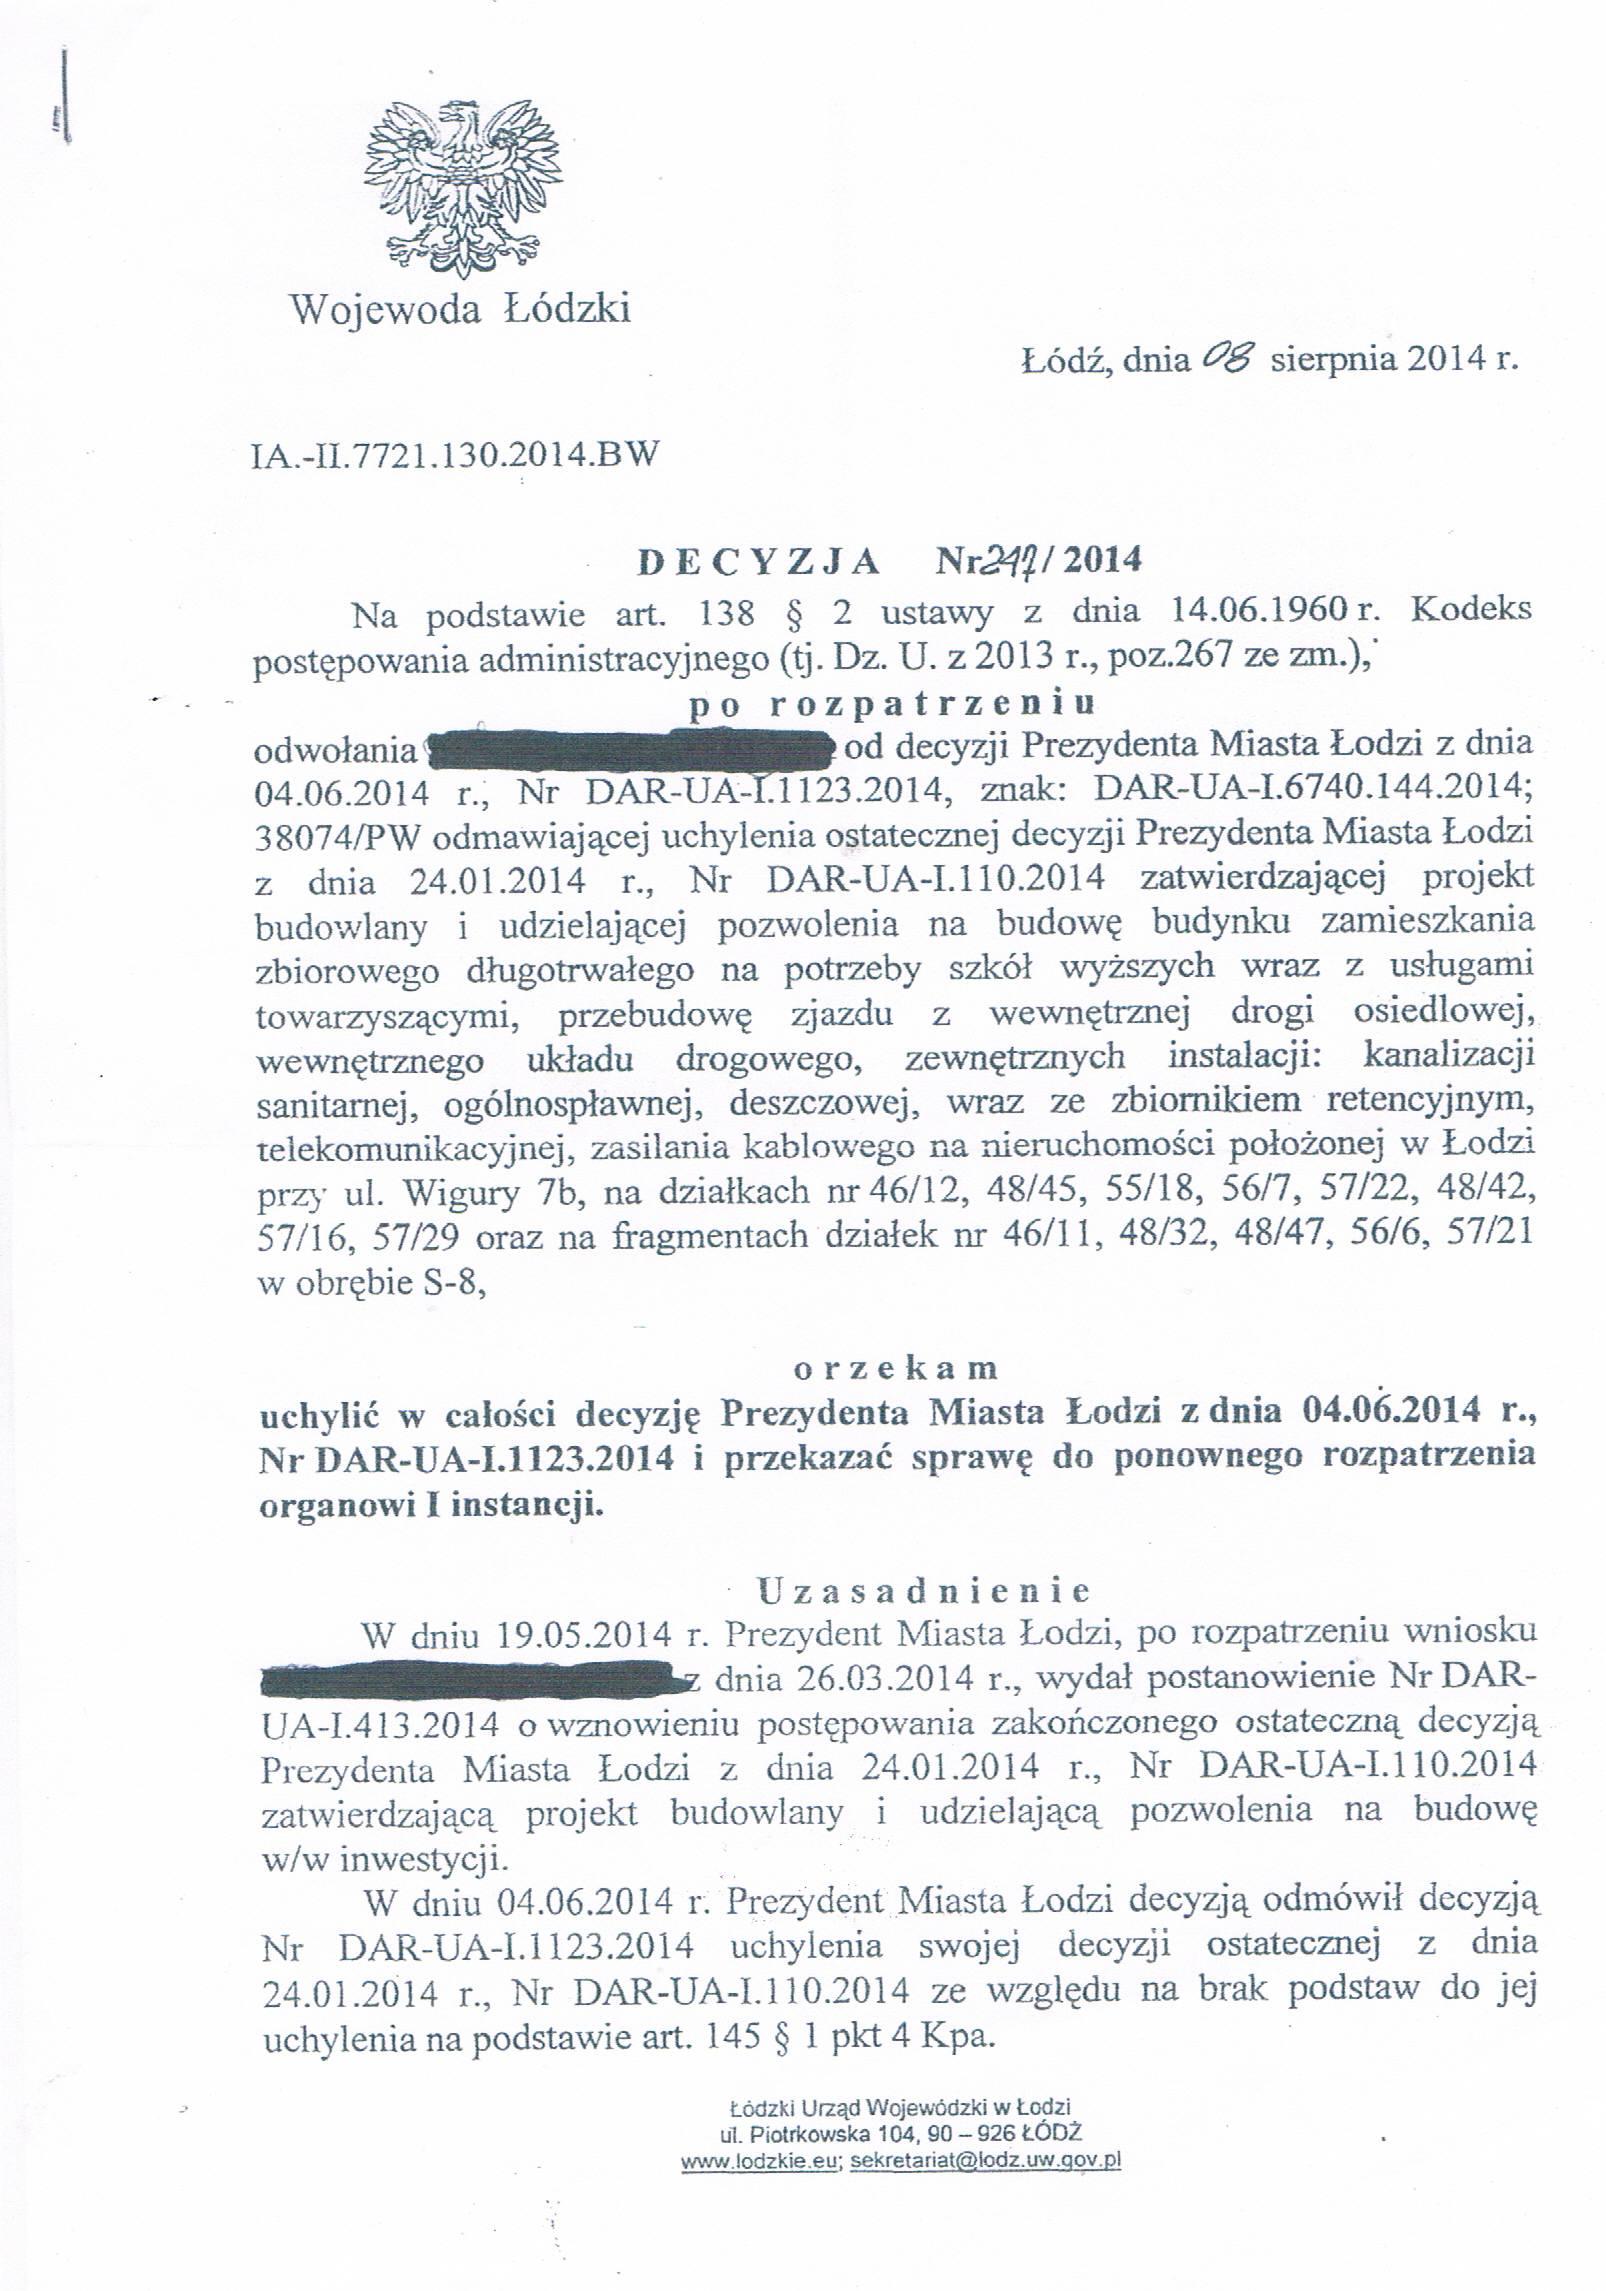 Decyzja Wojewody str_1